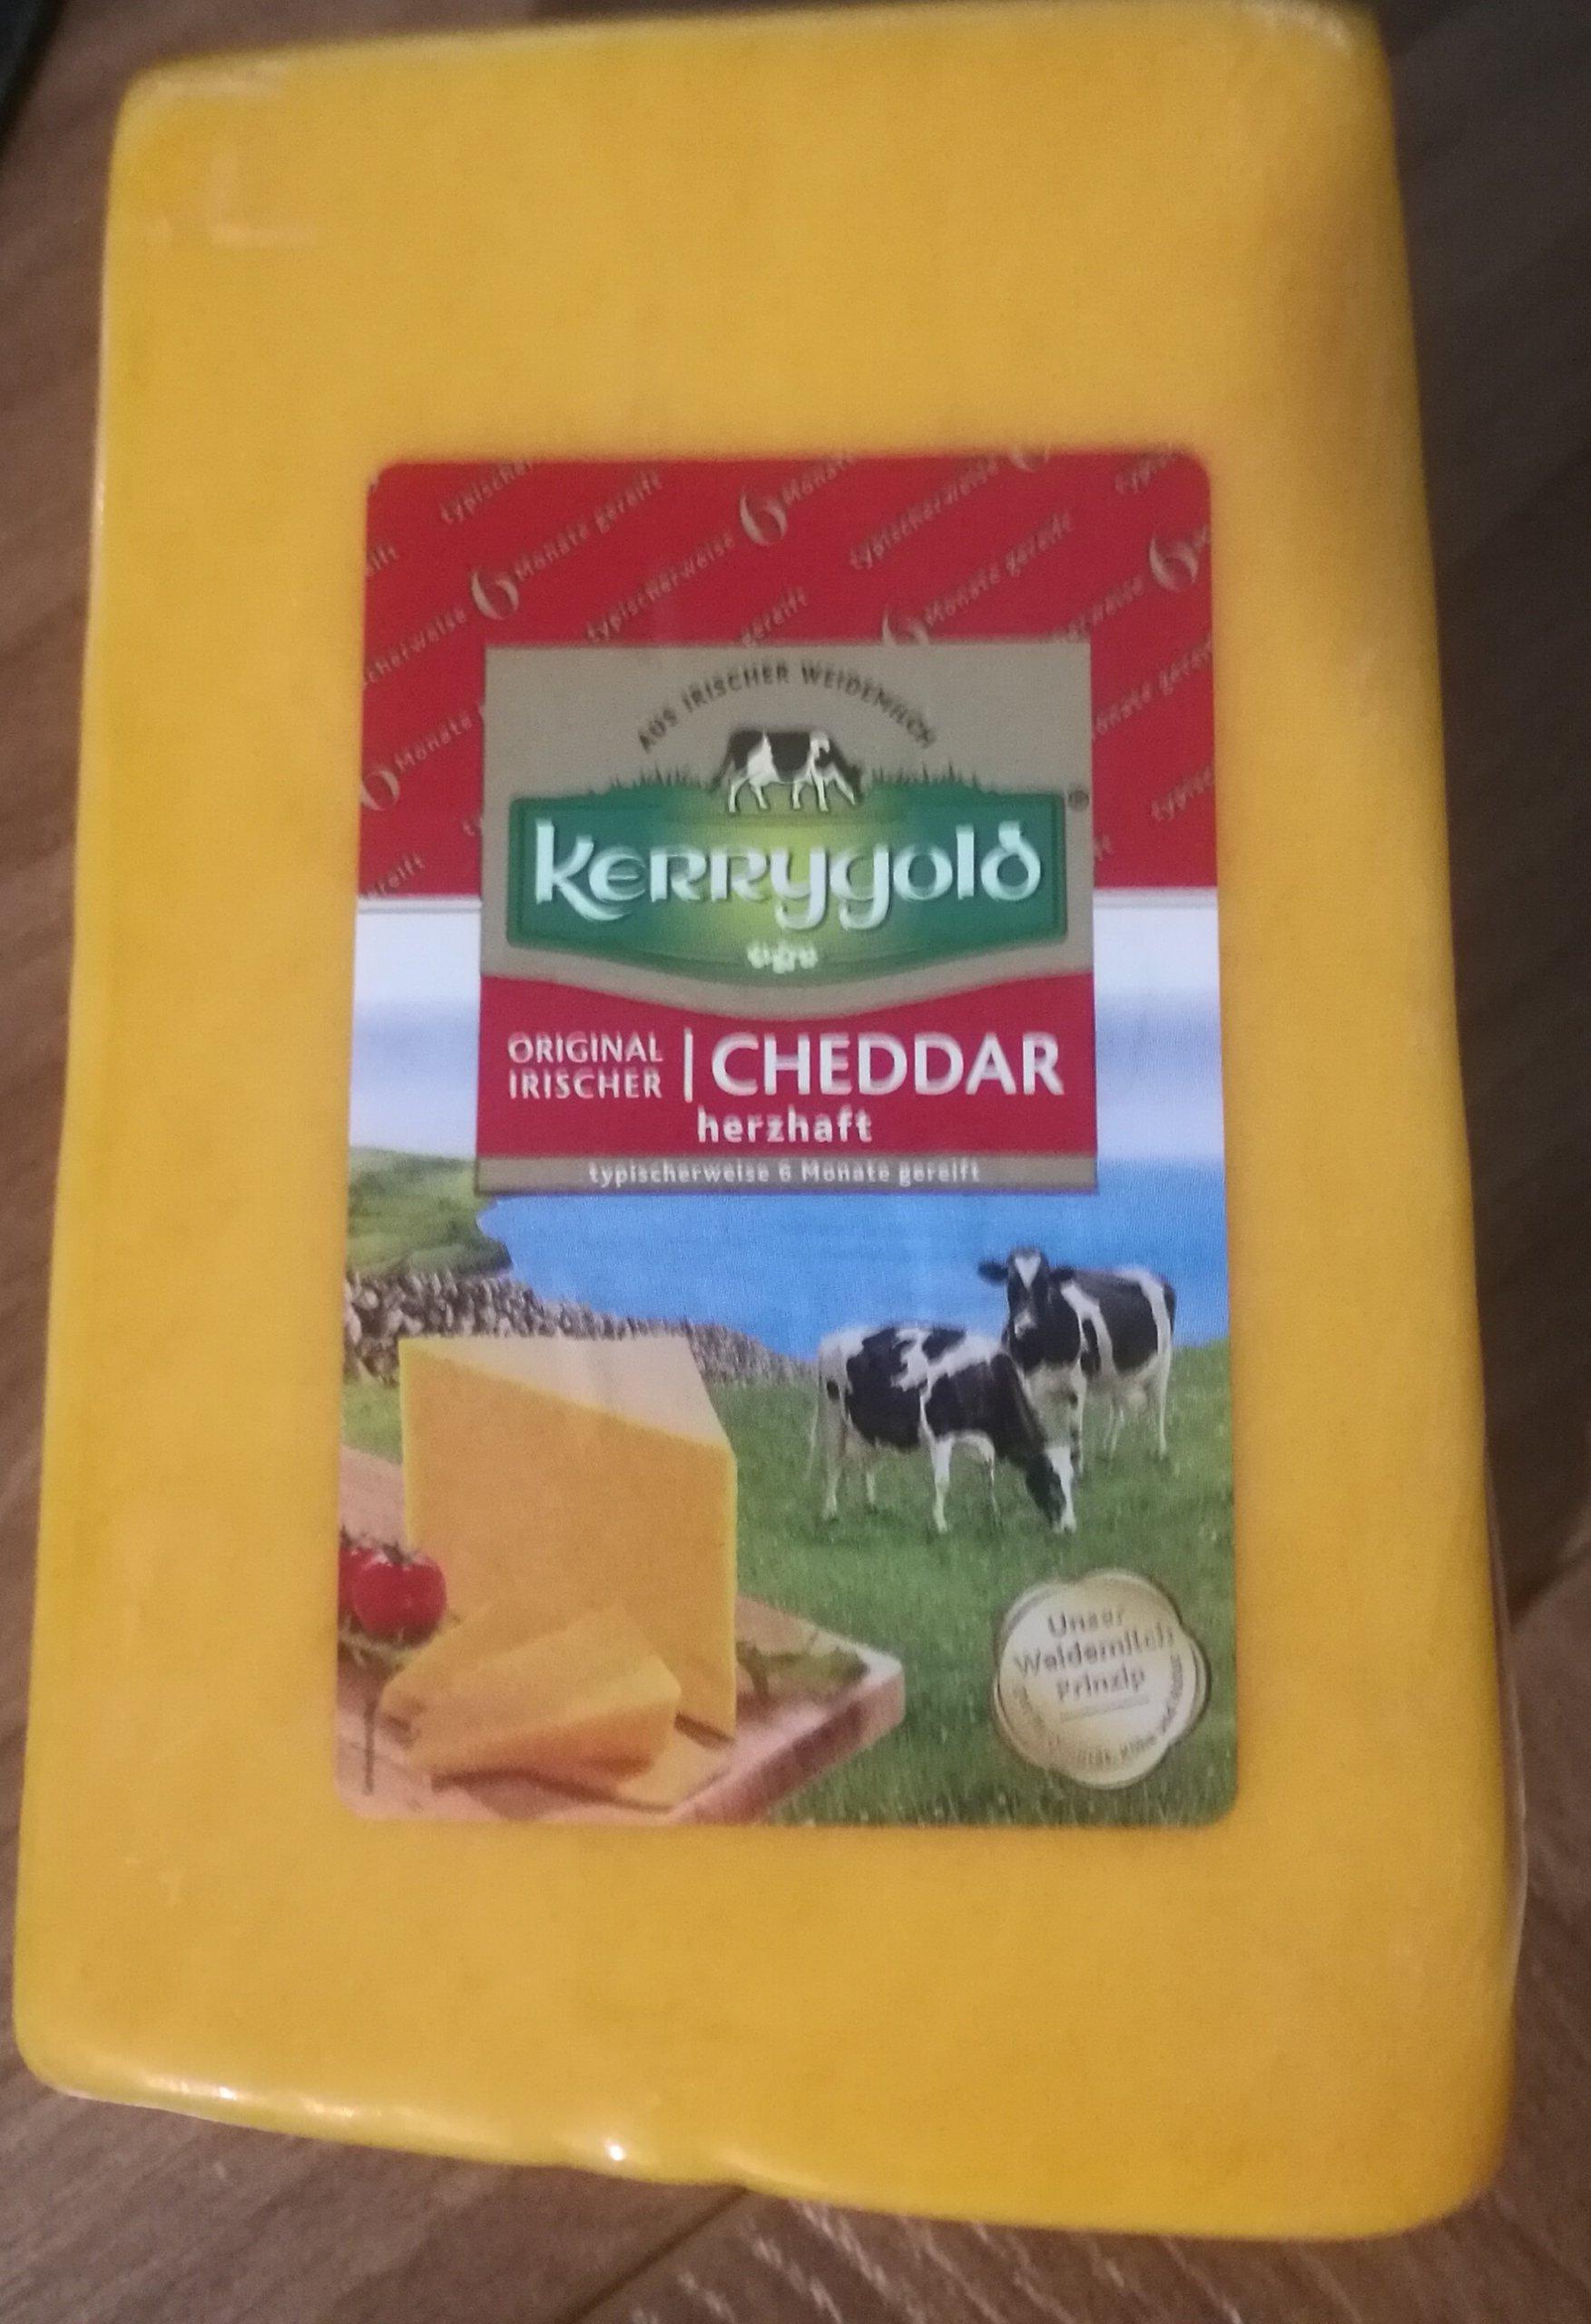 [KK] Ser Cheddar oryginalny irlandzki 990 g